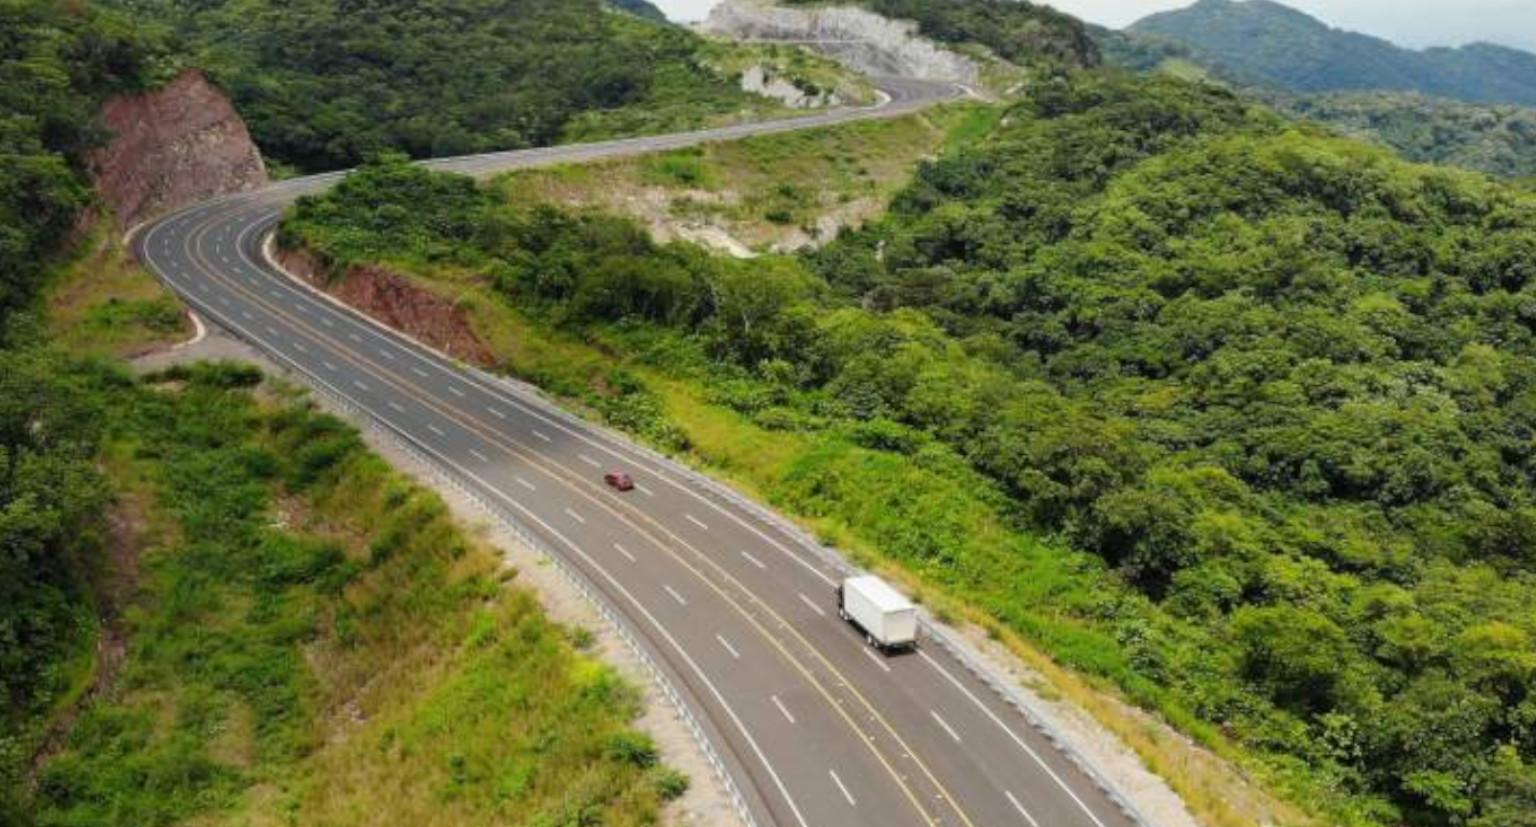 Rutas en Honduras ideales para recorrer en motocicleta